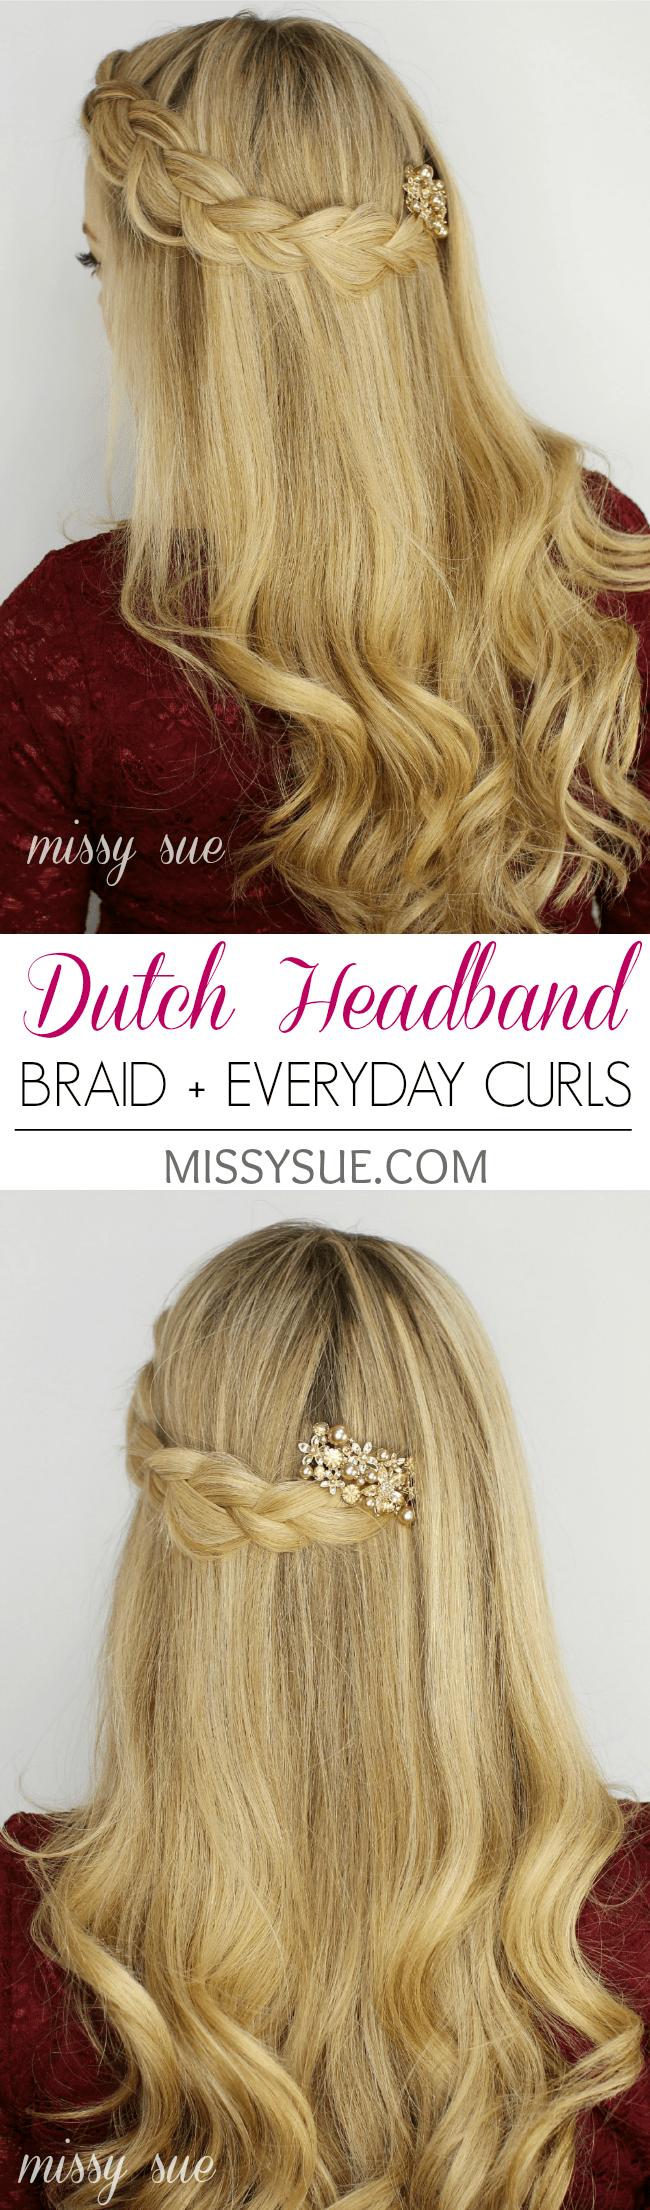 Dutch Headband Braid